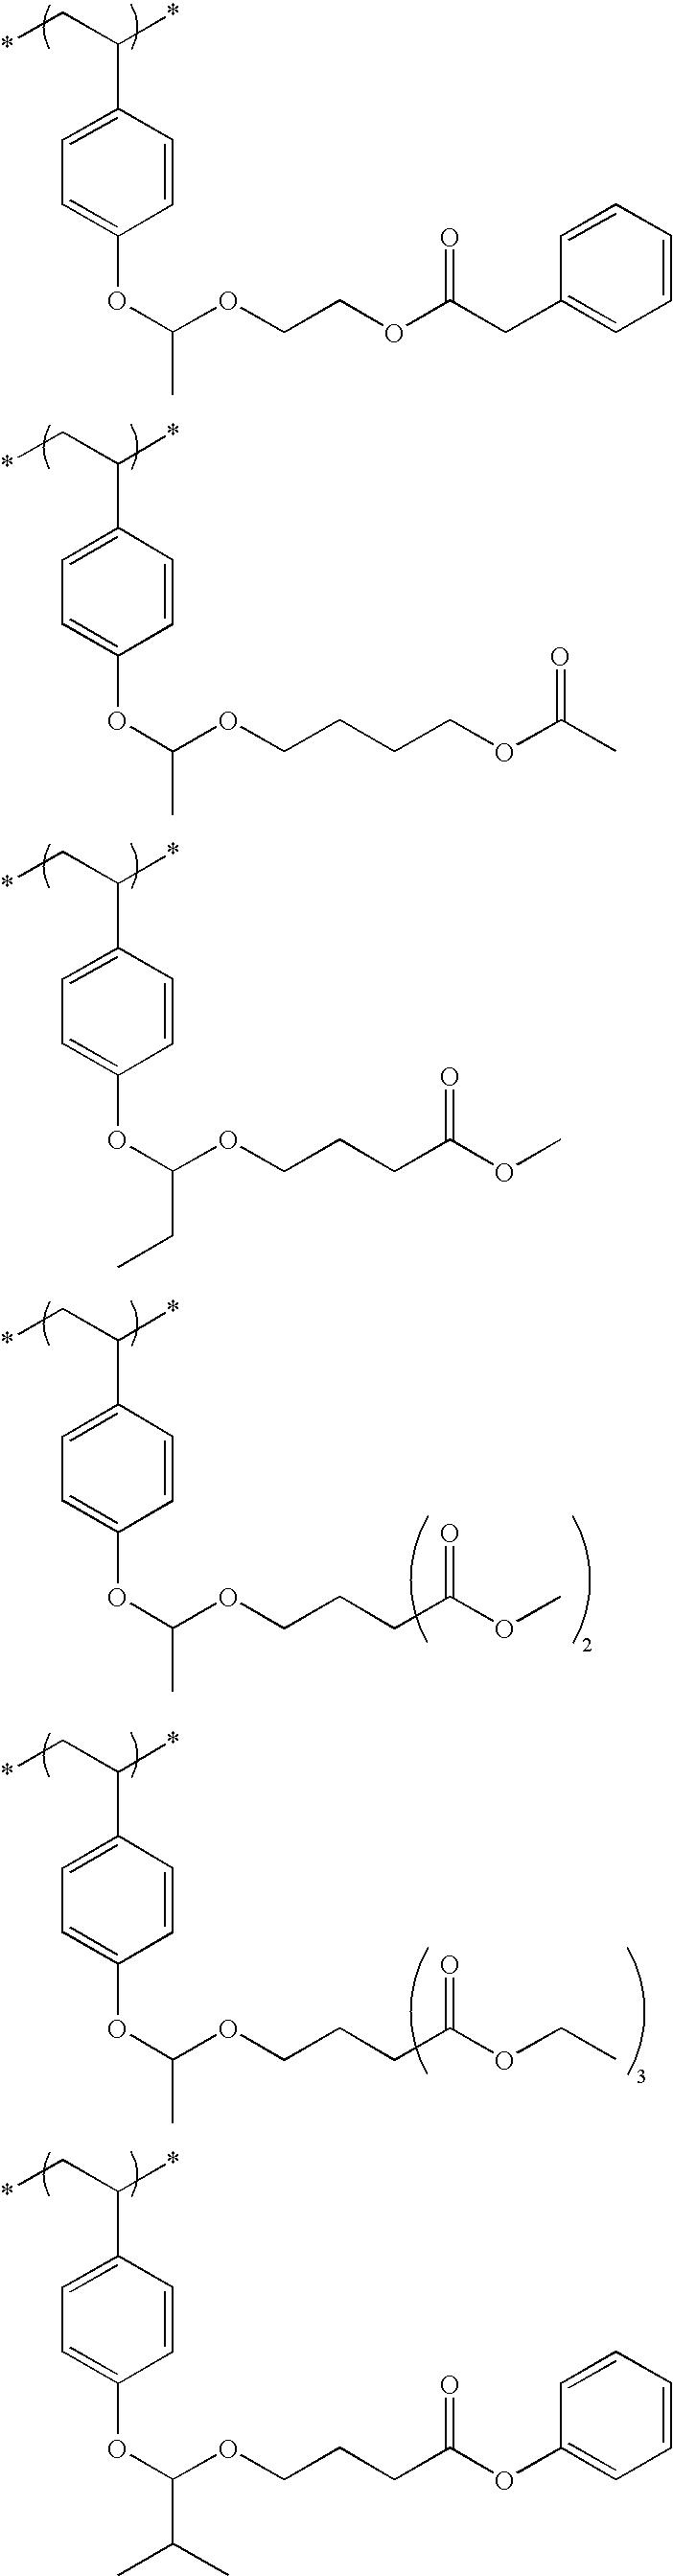 Figure US20100183975A1-20100722-C00091